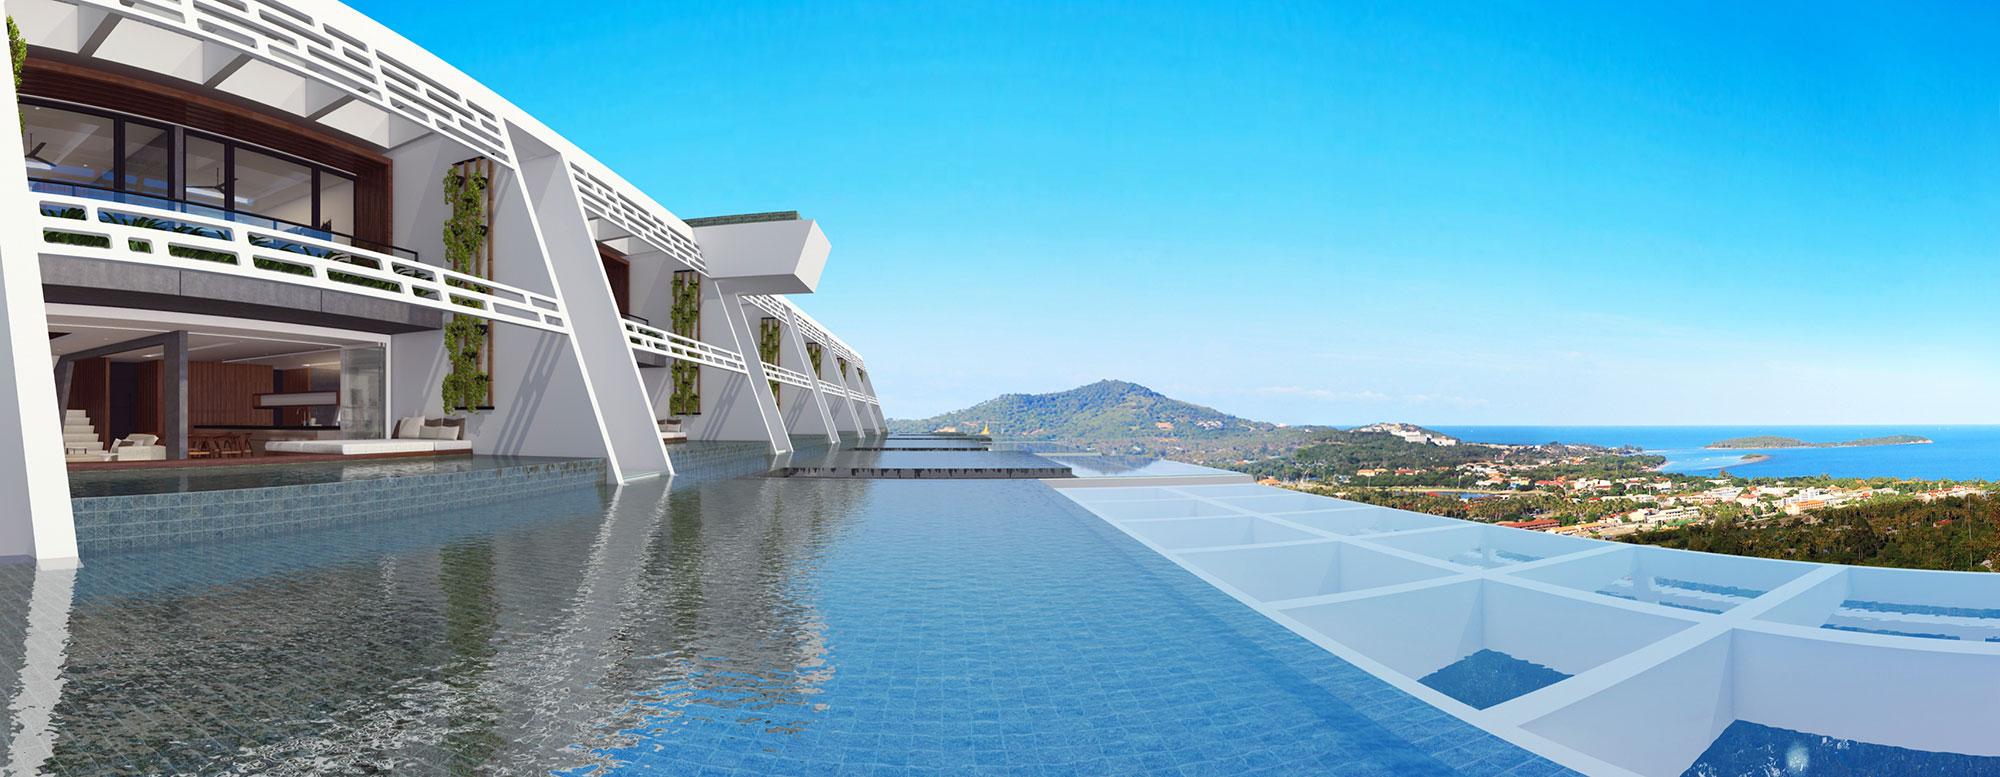 Luxury Living Sets The Standard On Koh Samui